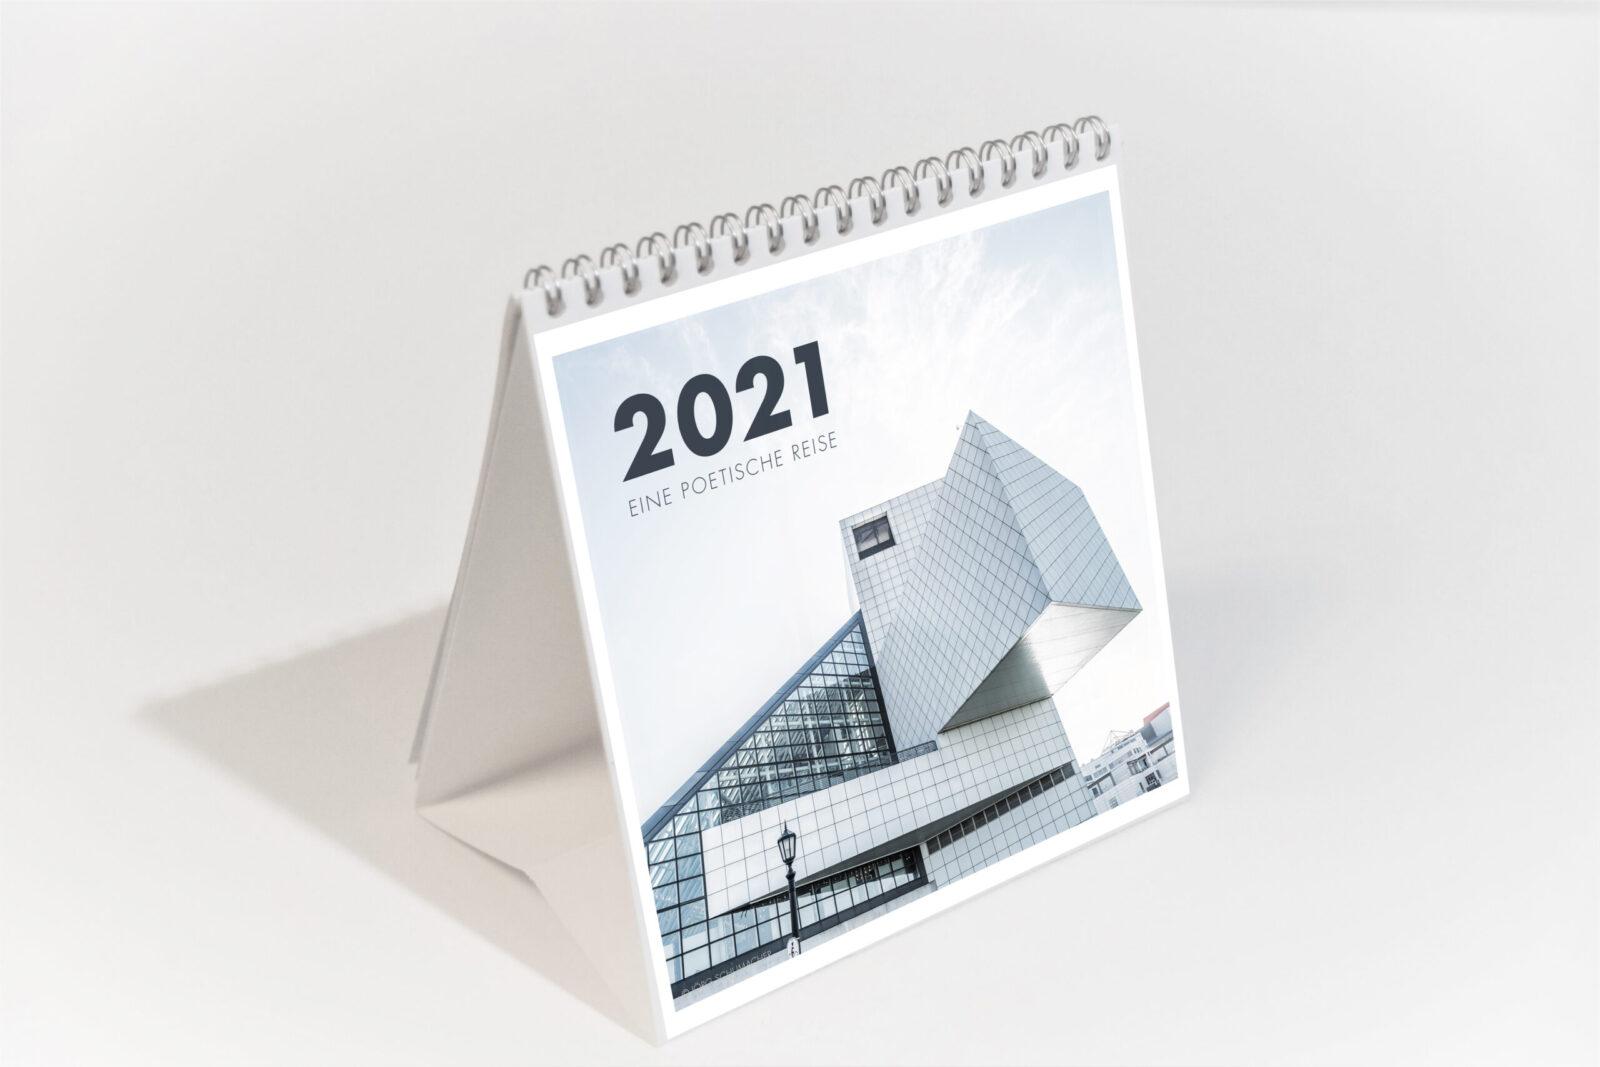 tischkalender-2021-titel-comp